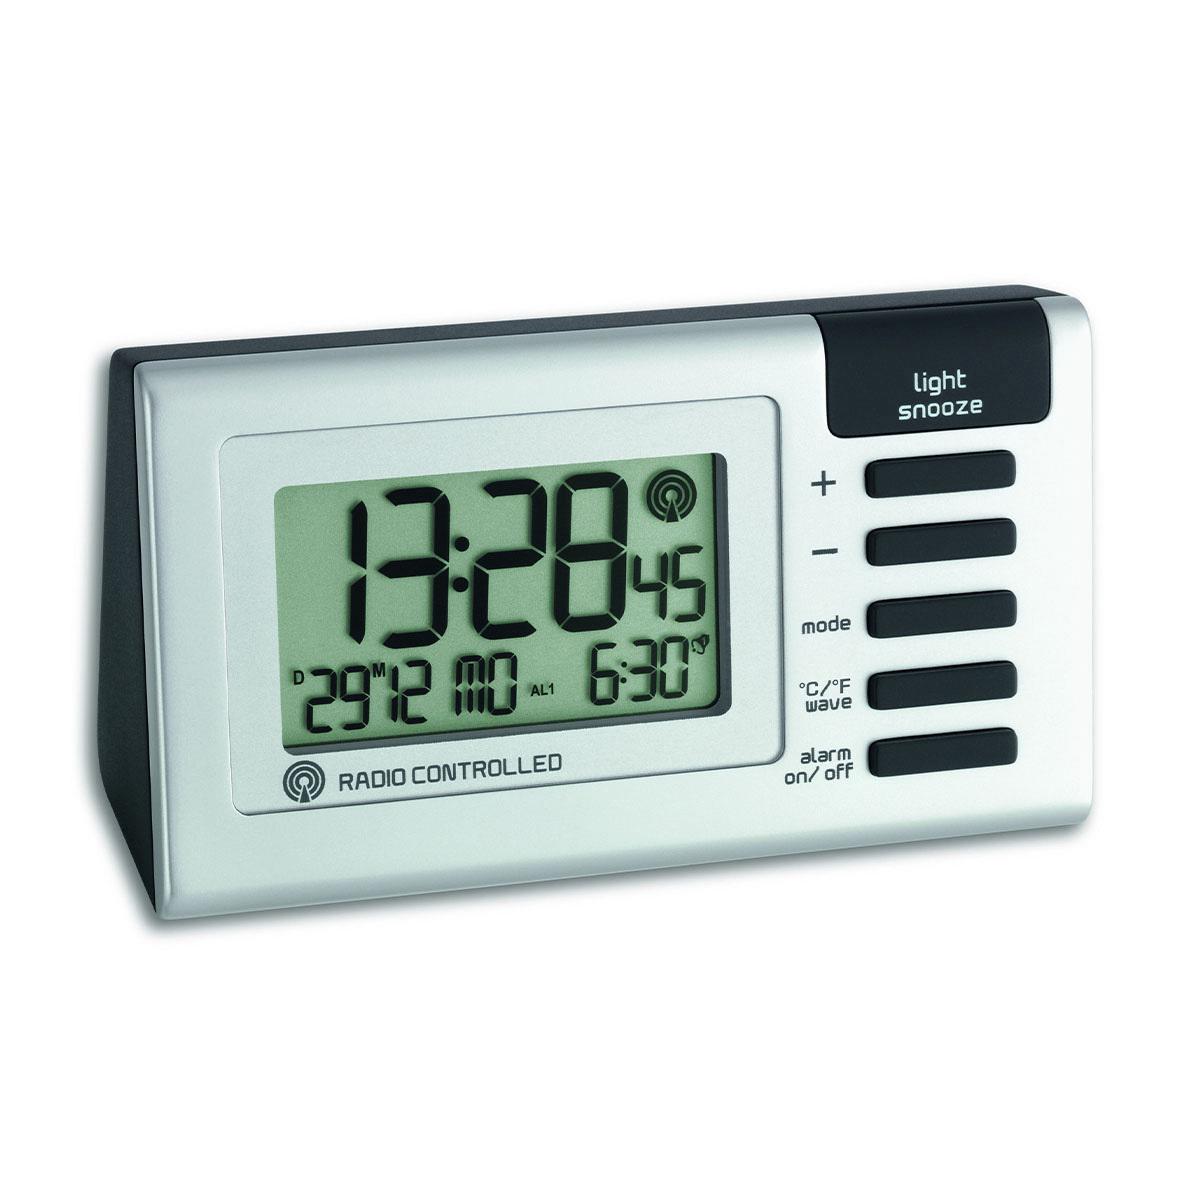 60-2509-digitaler-funk-wecker-mit-temperatur-1200x1200px.jpg